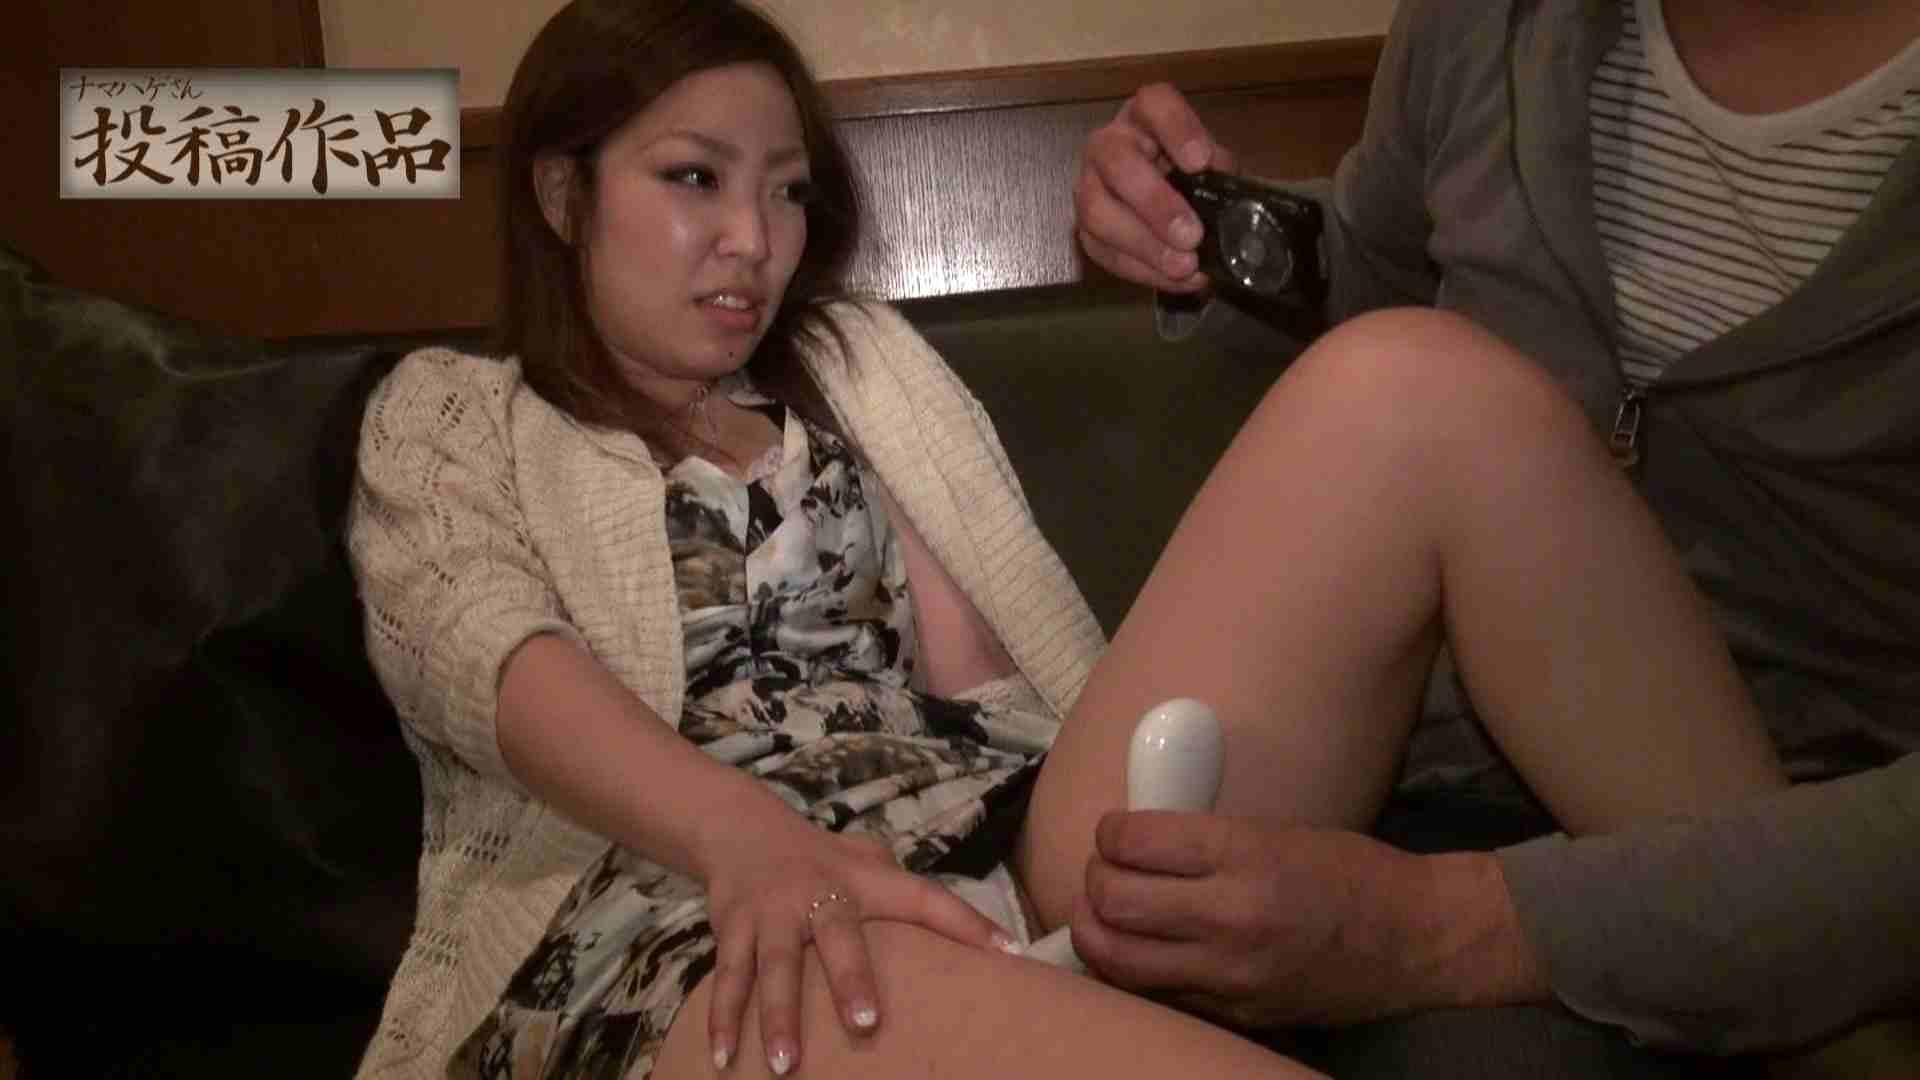 ナマハゲさんのまんこコレクション sae 一般投稿 オマンコ無修正動画無料 96pic 26